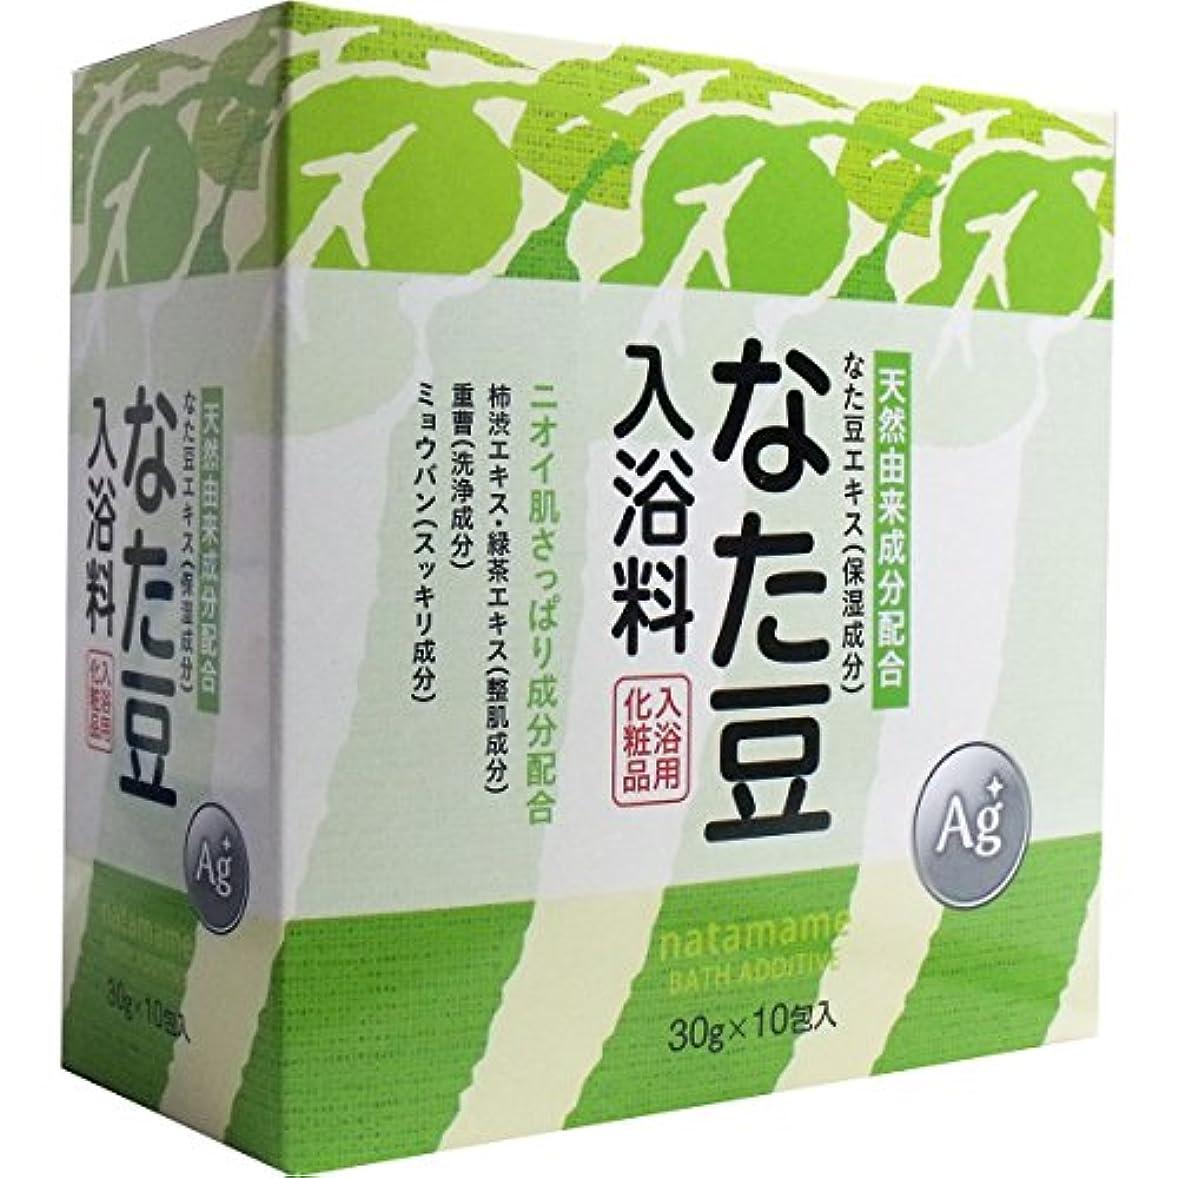 窒息させる質素な平均なた豆入浴料 入浴用化粧品 30g×10包入×3